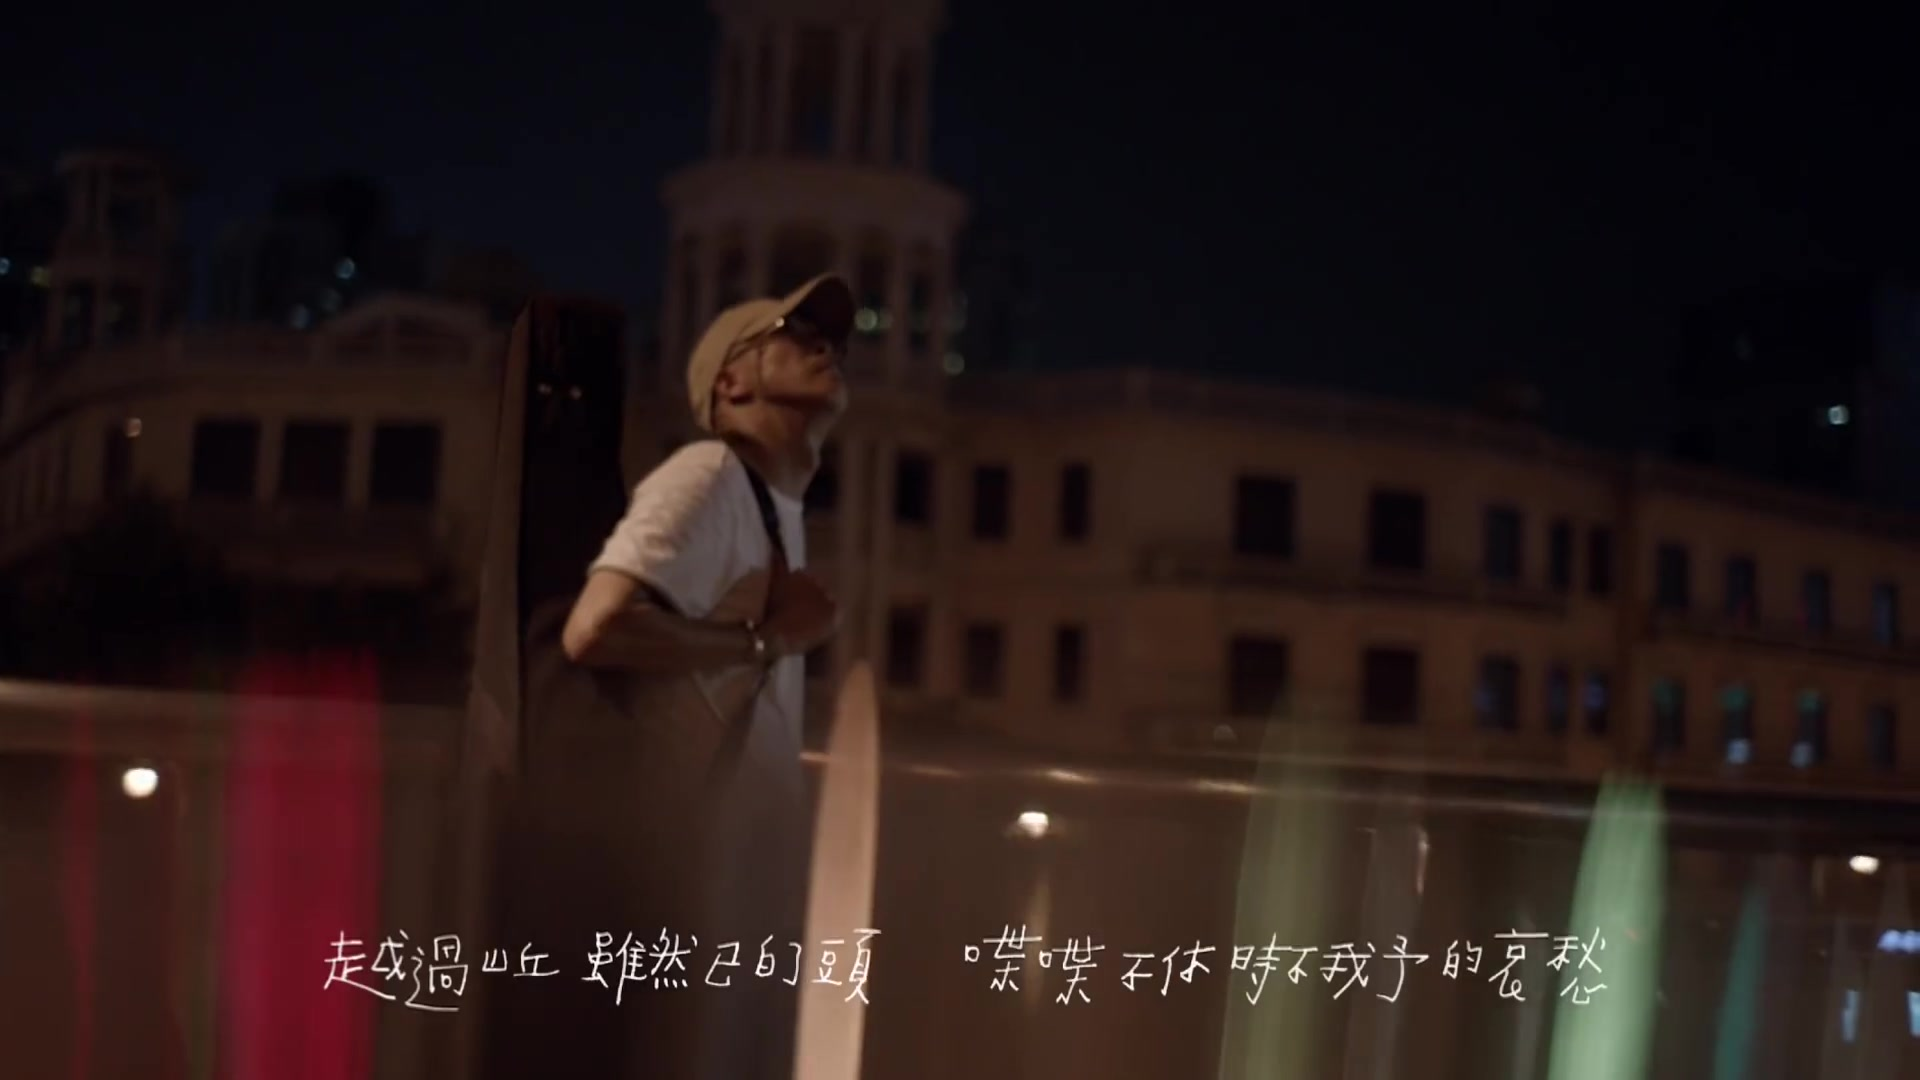 高清三点mv_jonathan lee 李宗盛 《山丘》官方mv 高清版1080p